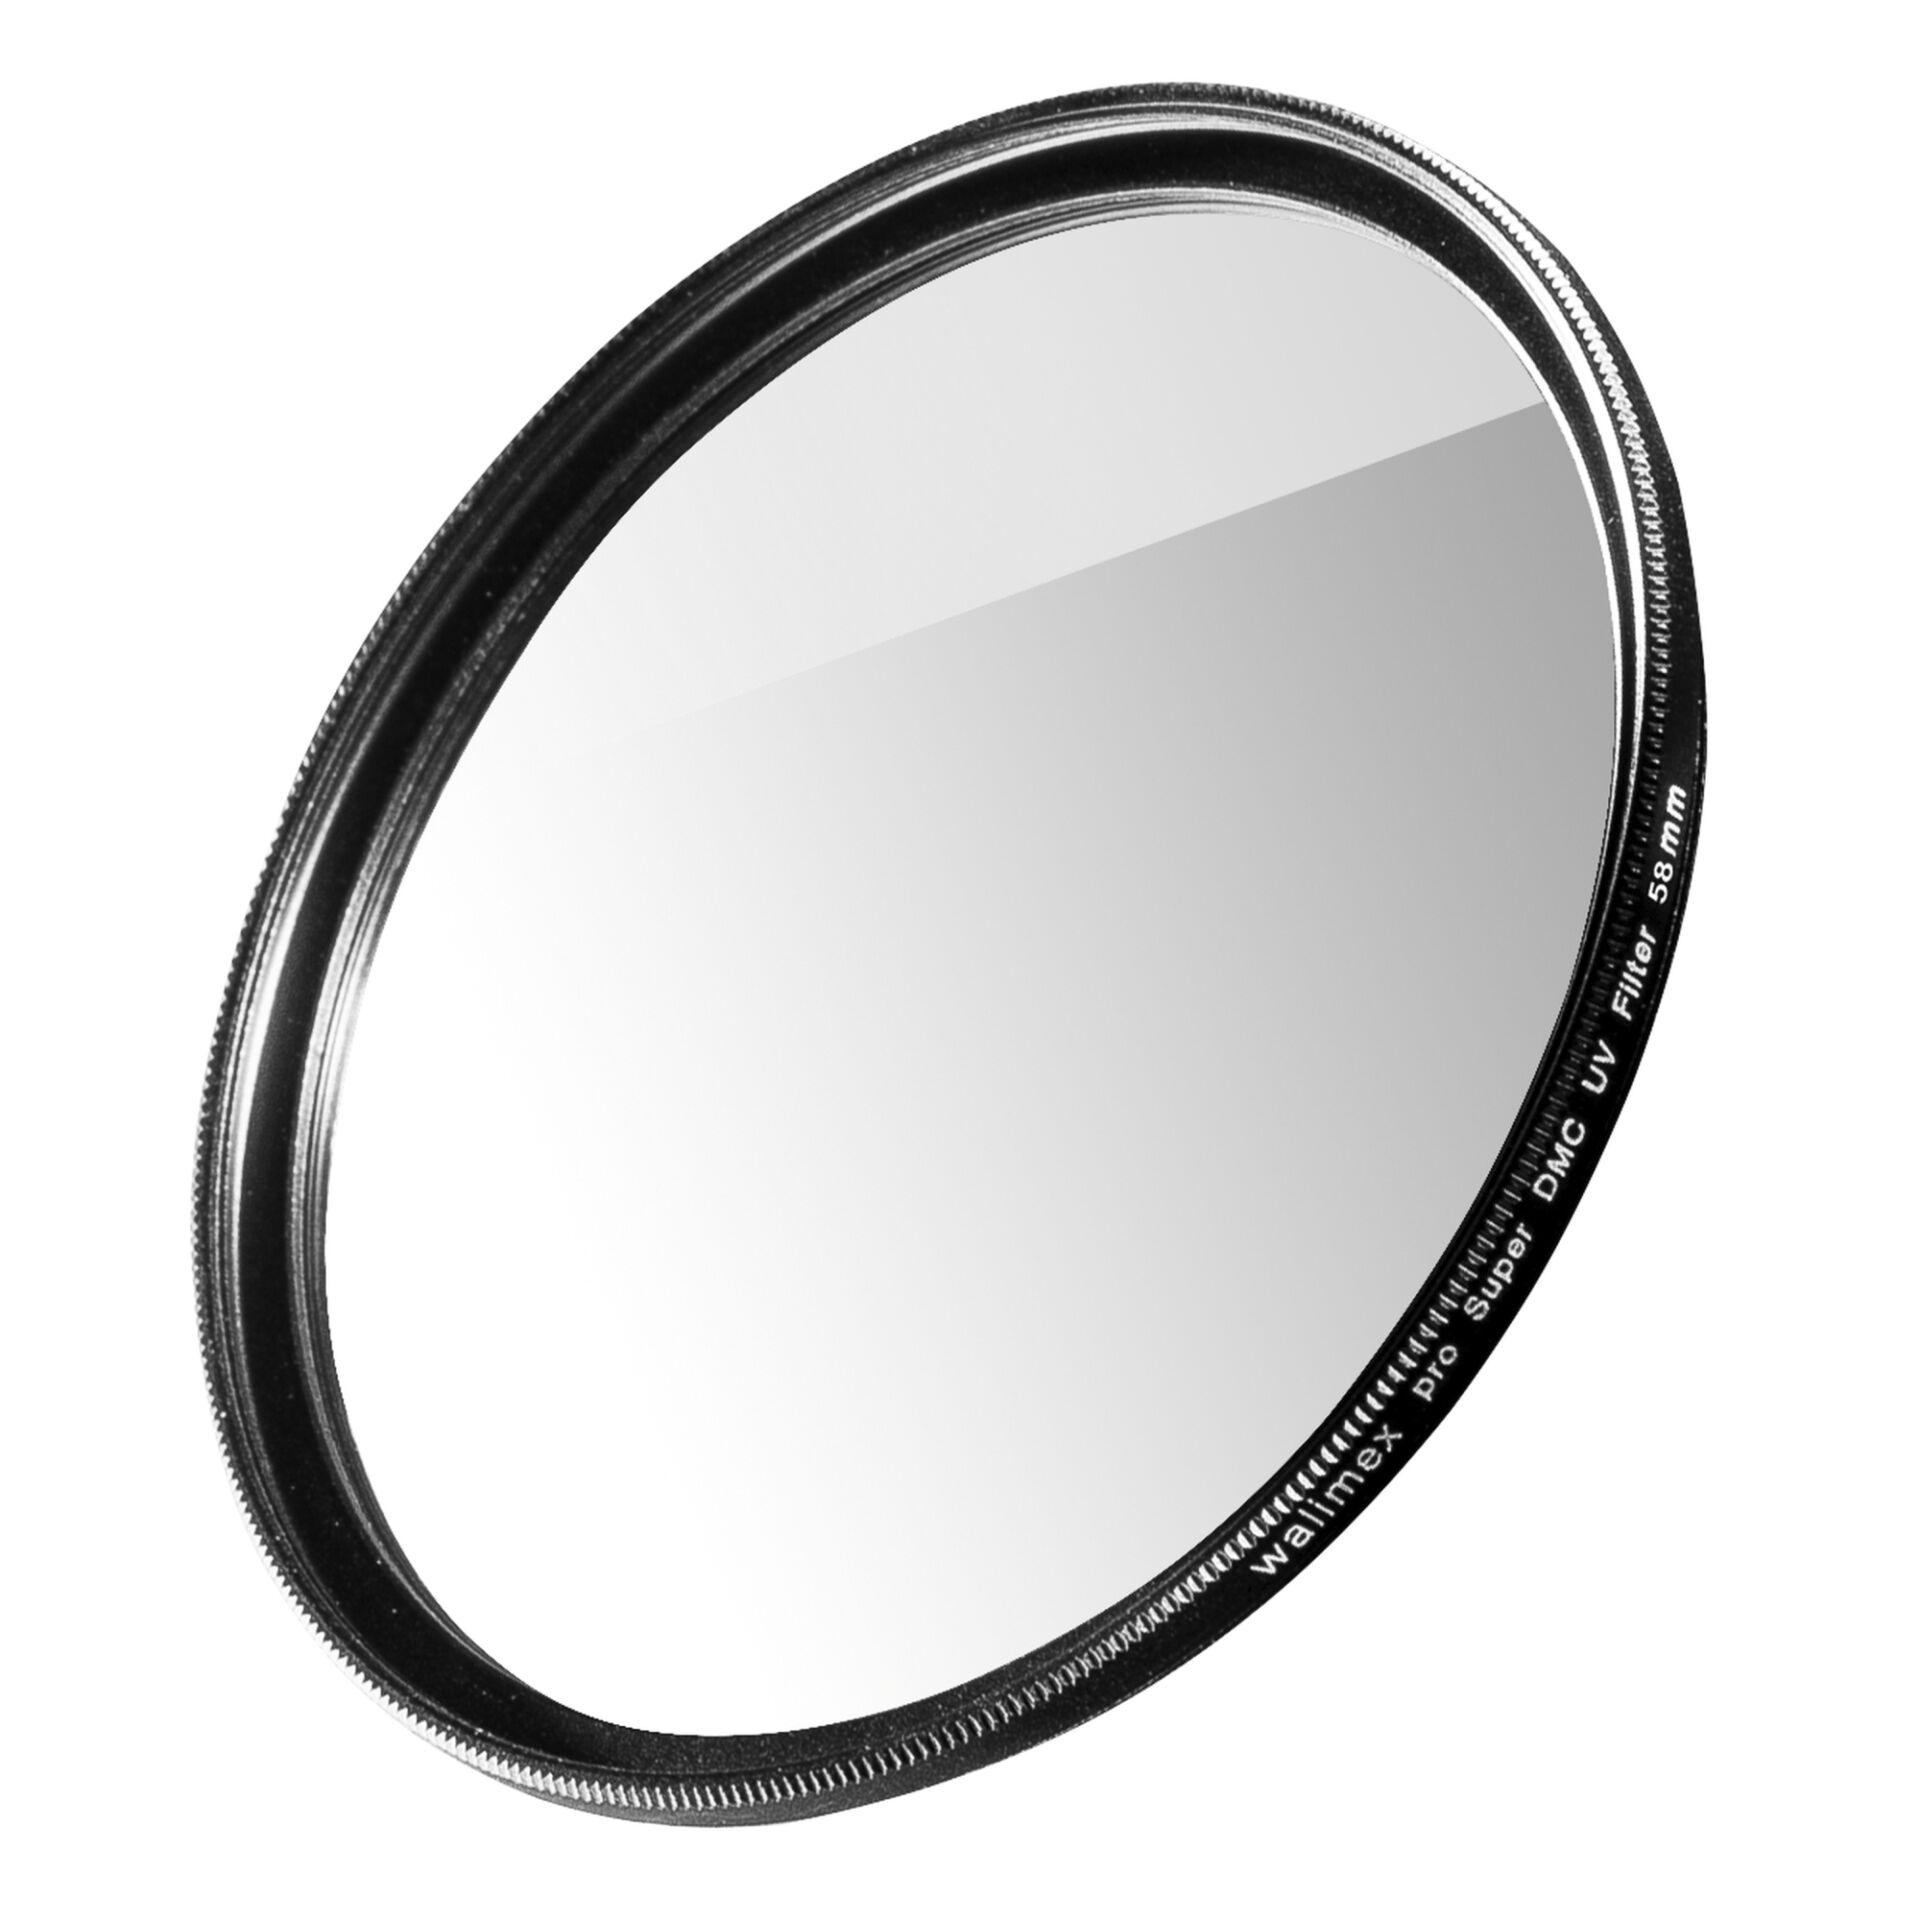 Walimex Pro UV Slim Super DMC 58mm